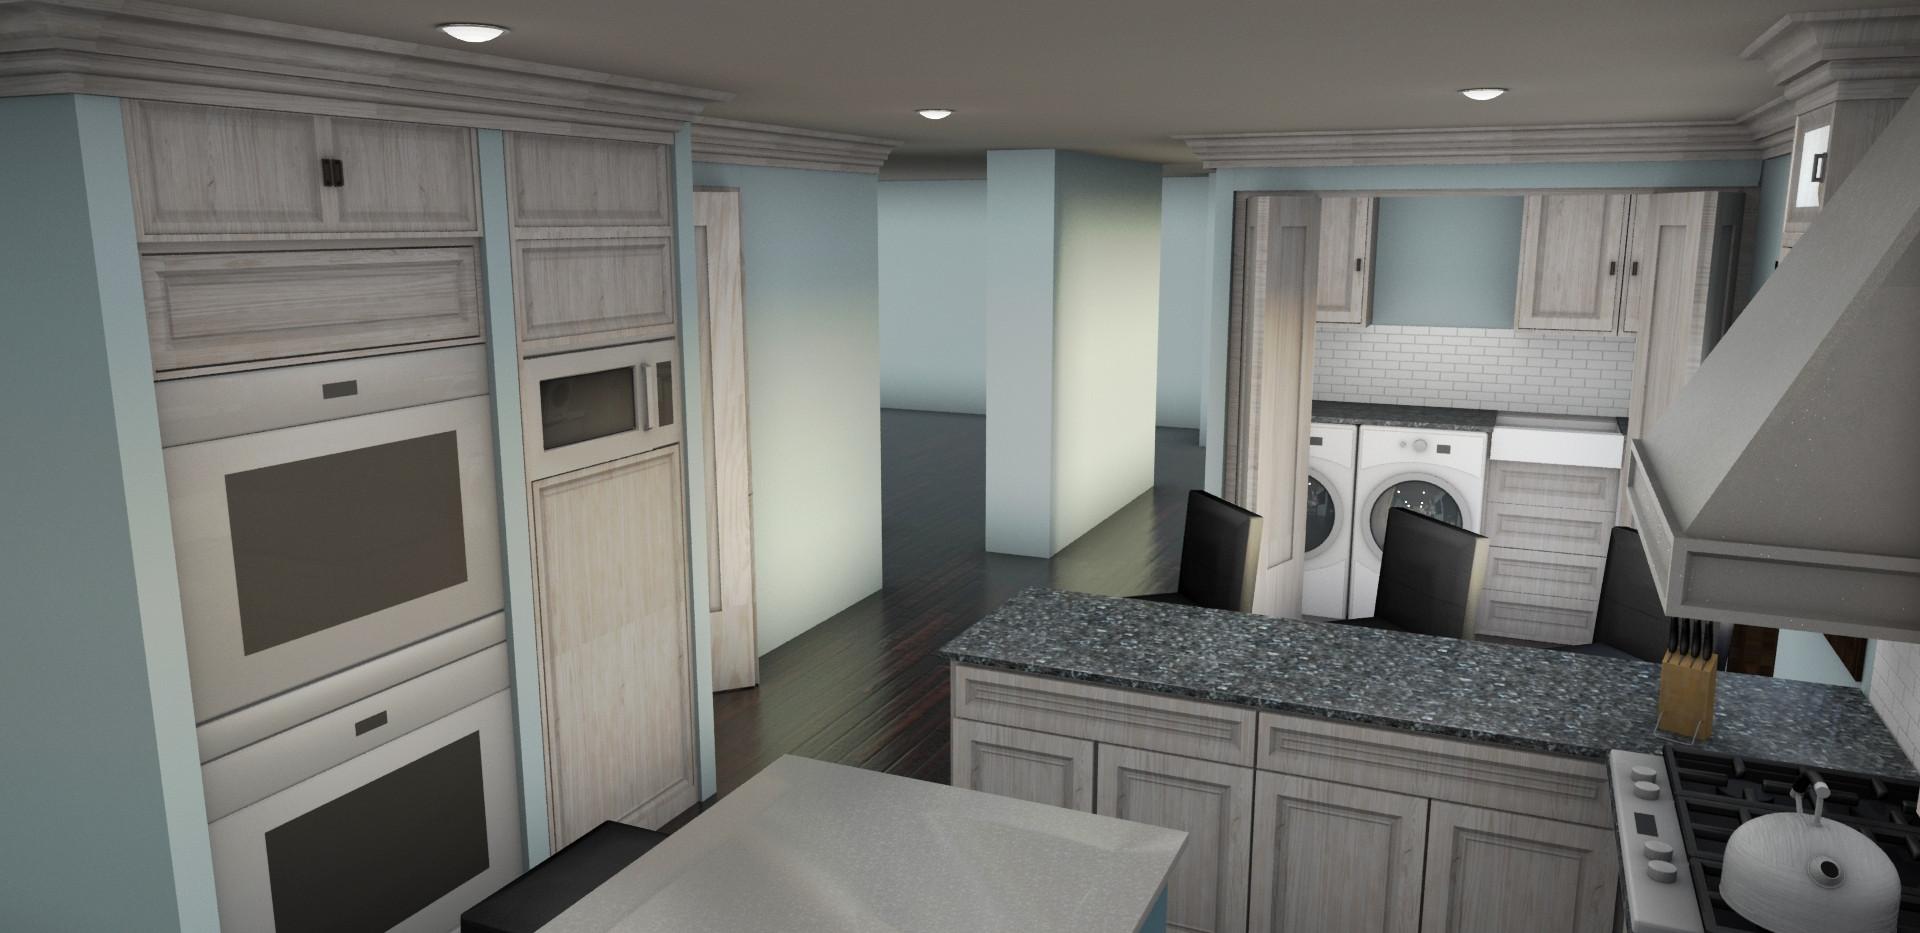 Council Kitchen_Style B_View 2.jpg